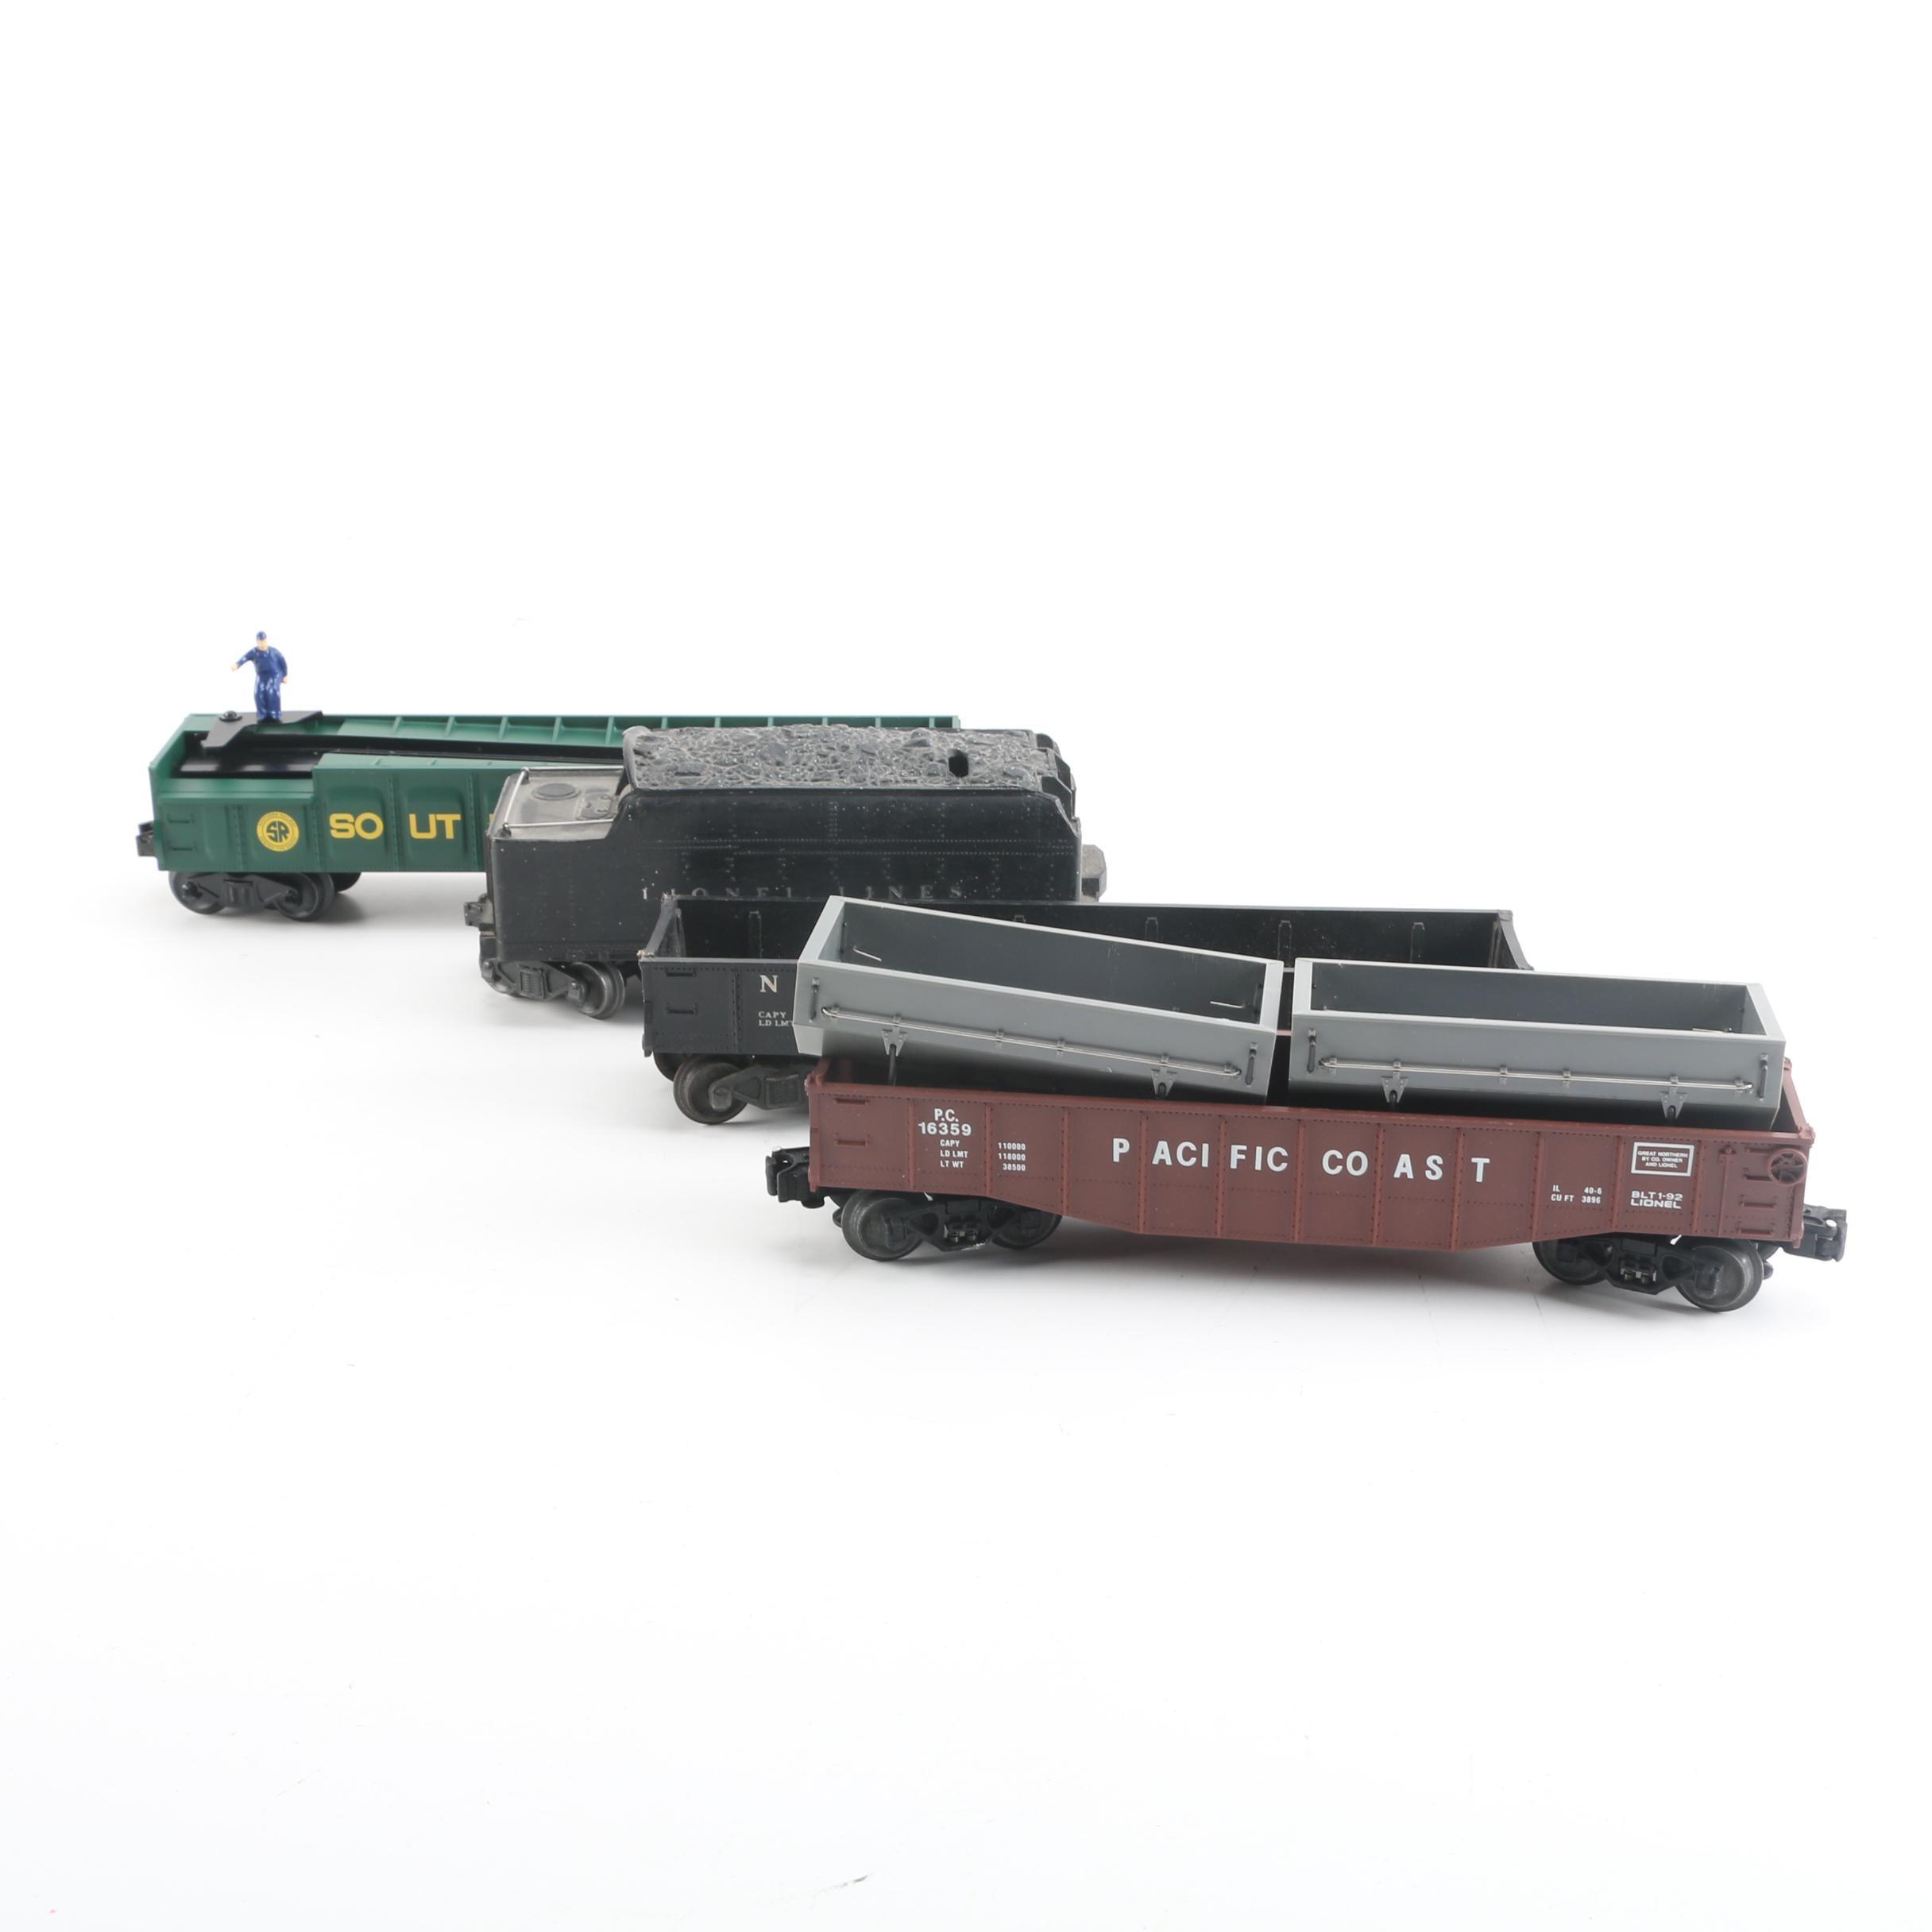 Vintage Lionel Train Cars Including Coal Tender